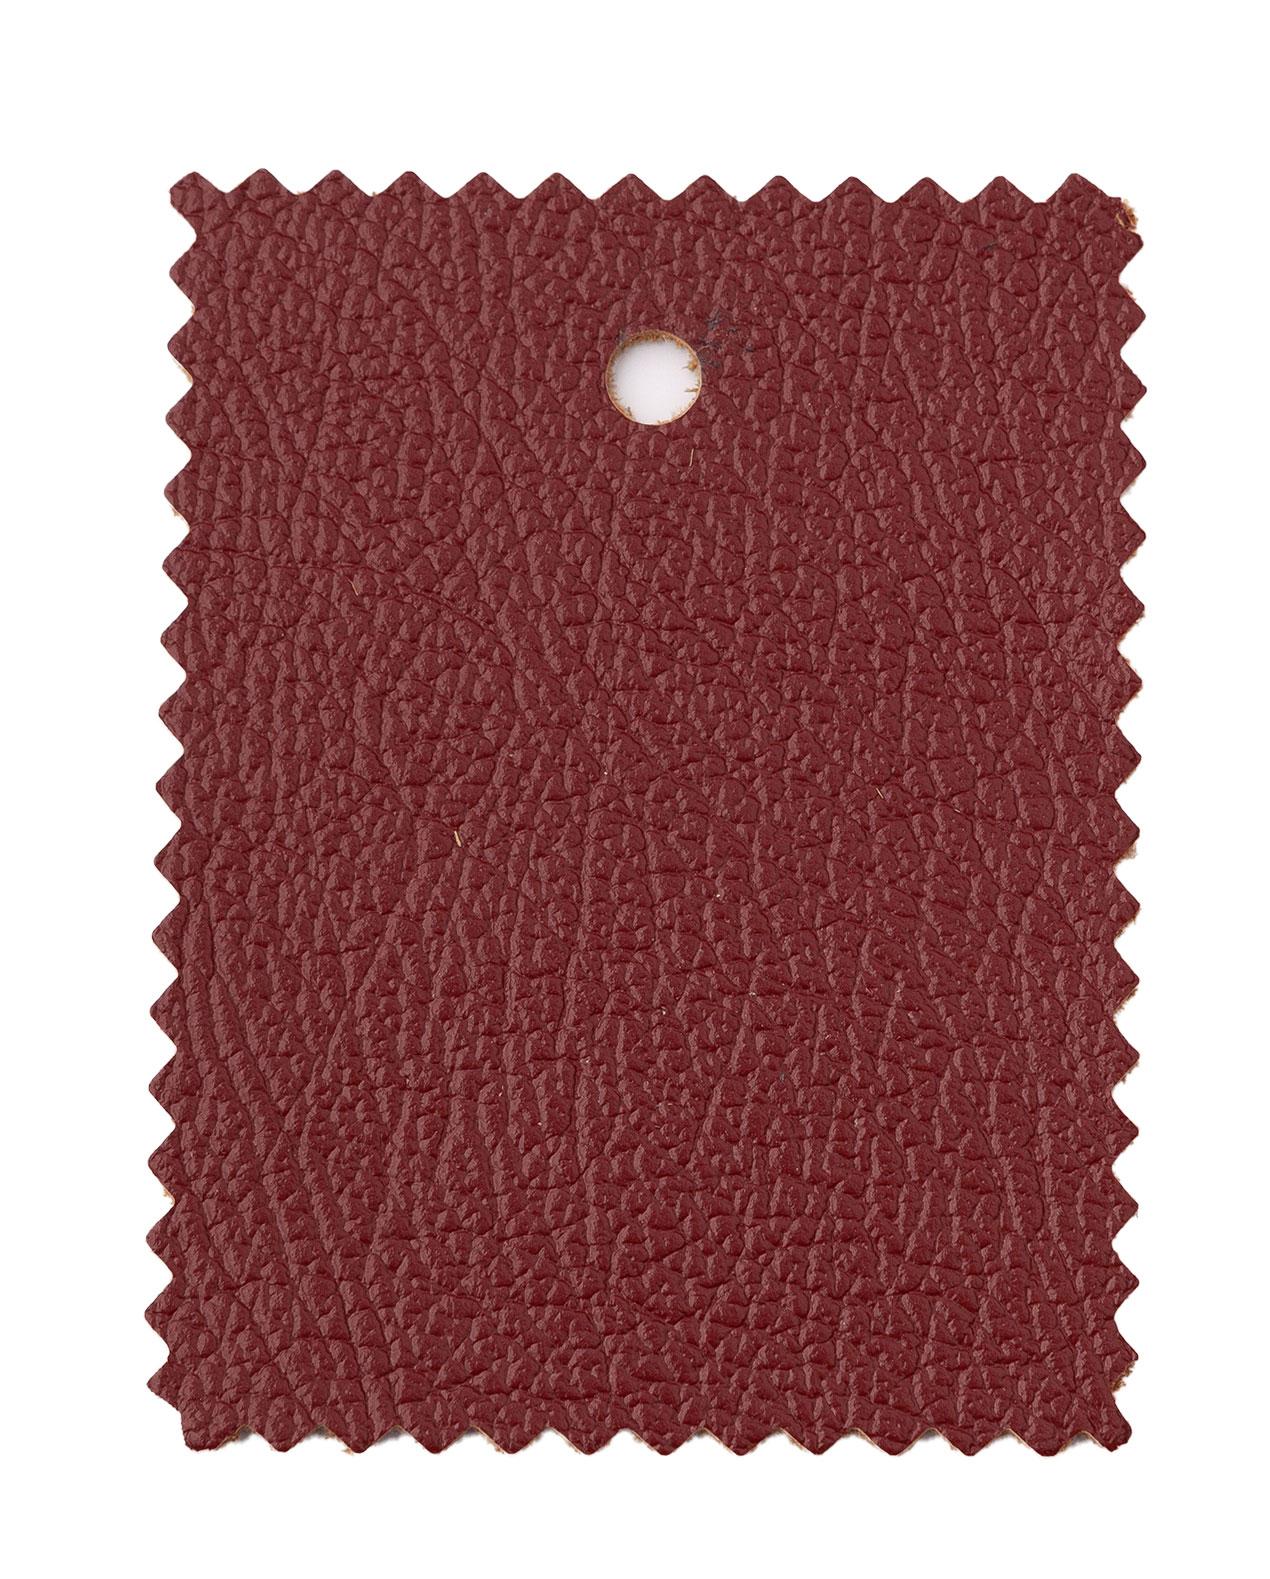 Abbildung Oldtimerleder-3000K-rot-kopfgefaerbt